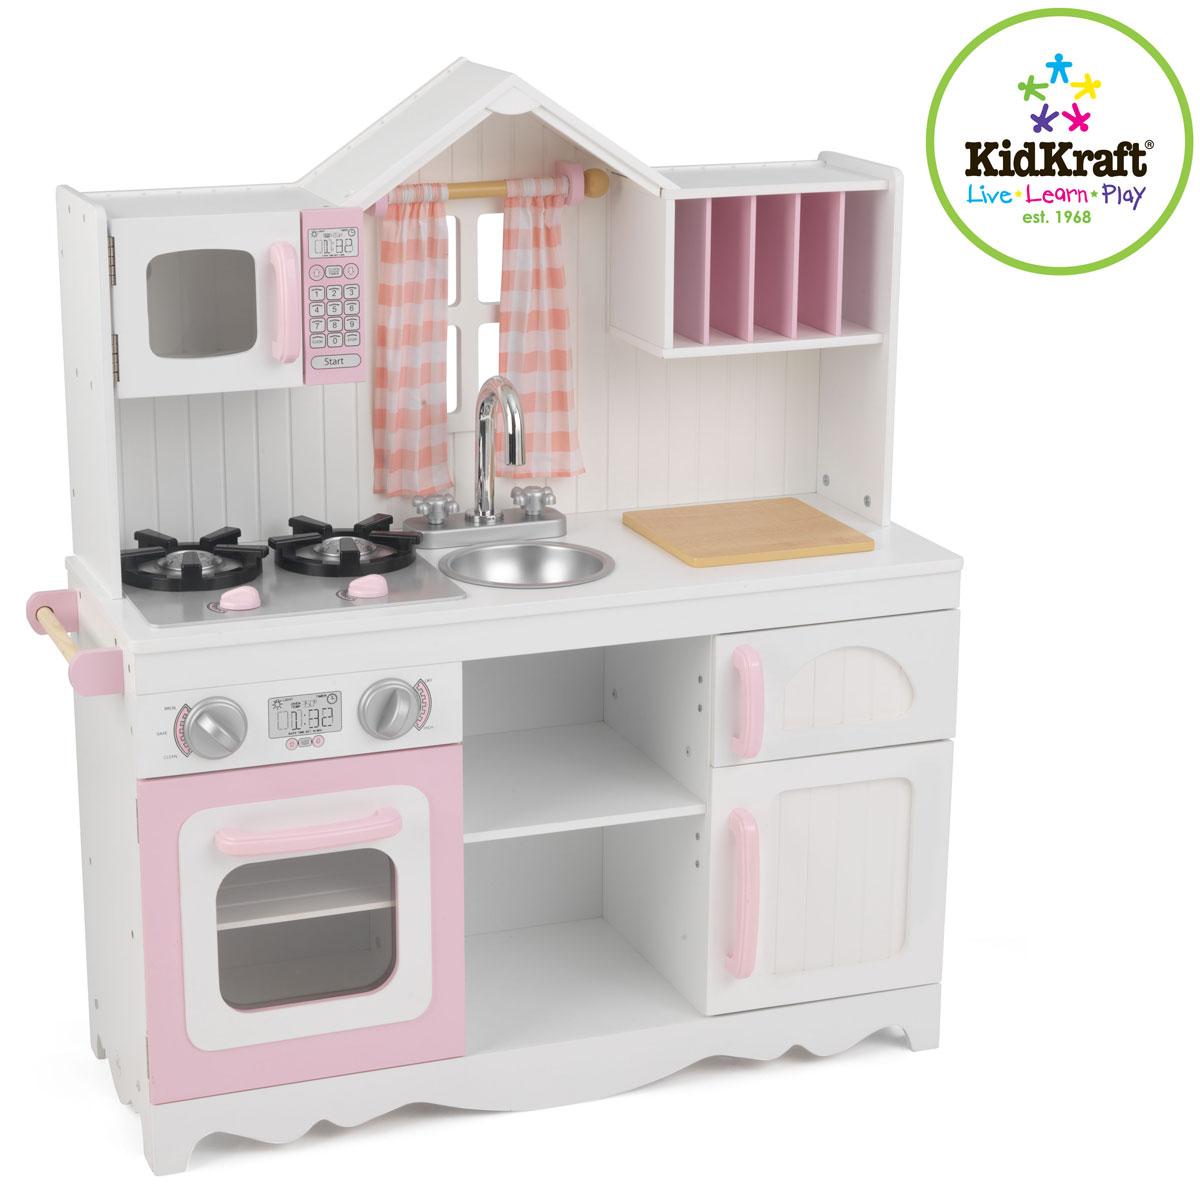 KidKraft Kinderküche Spielküche Bauernküche aus Holz